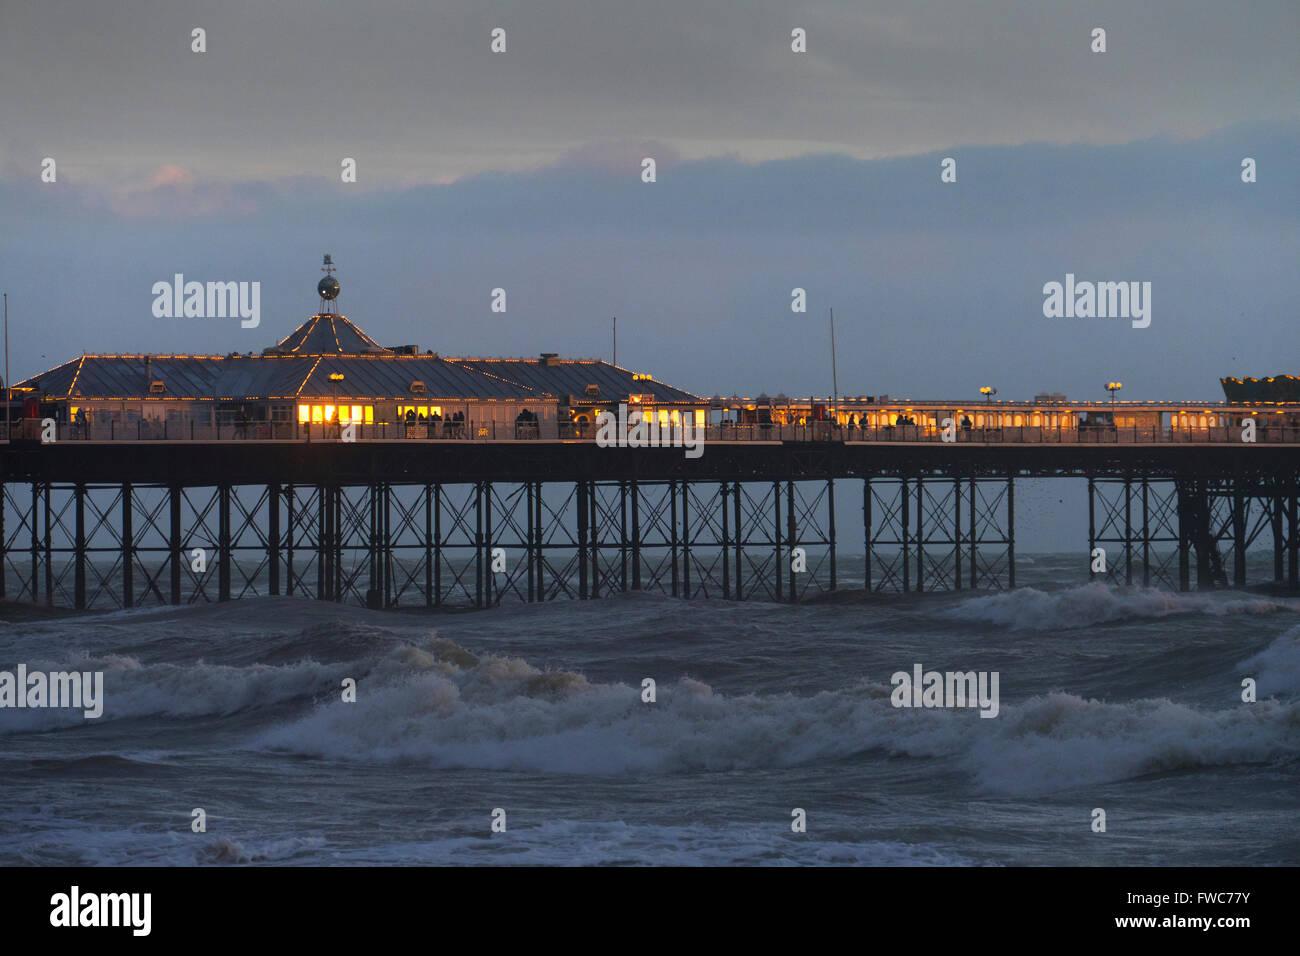 Brighton Pier, Brighton, England, - Stock Image